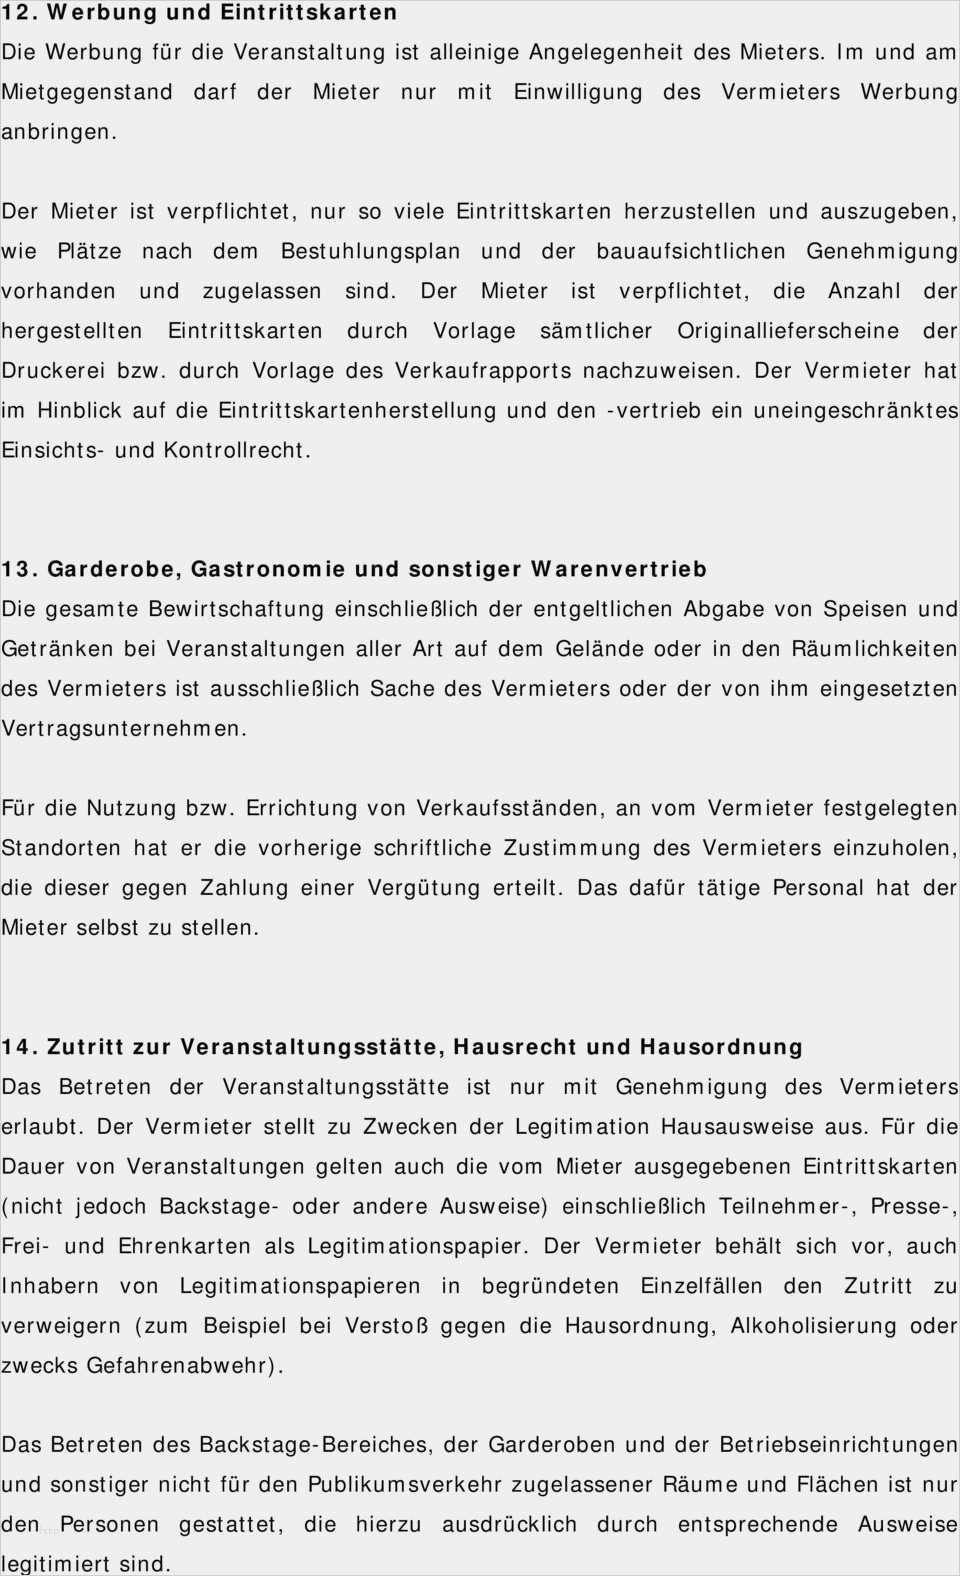 Mimin Download 28 Musterbrief Der Erlaubnis 15